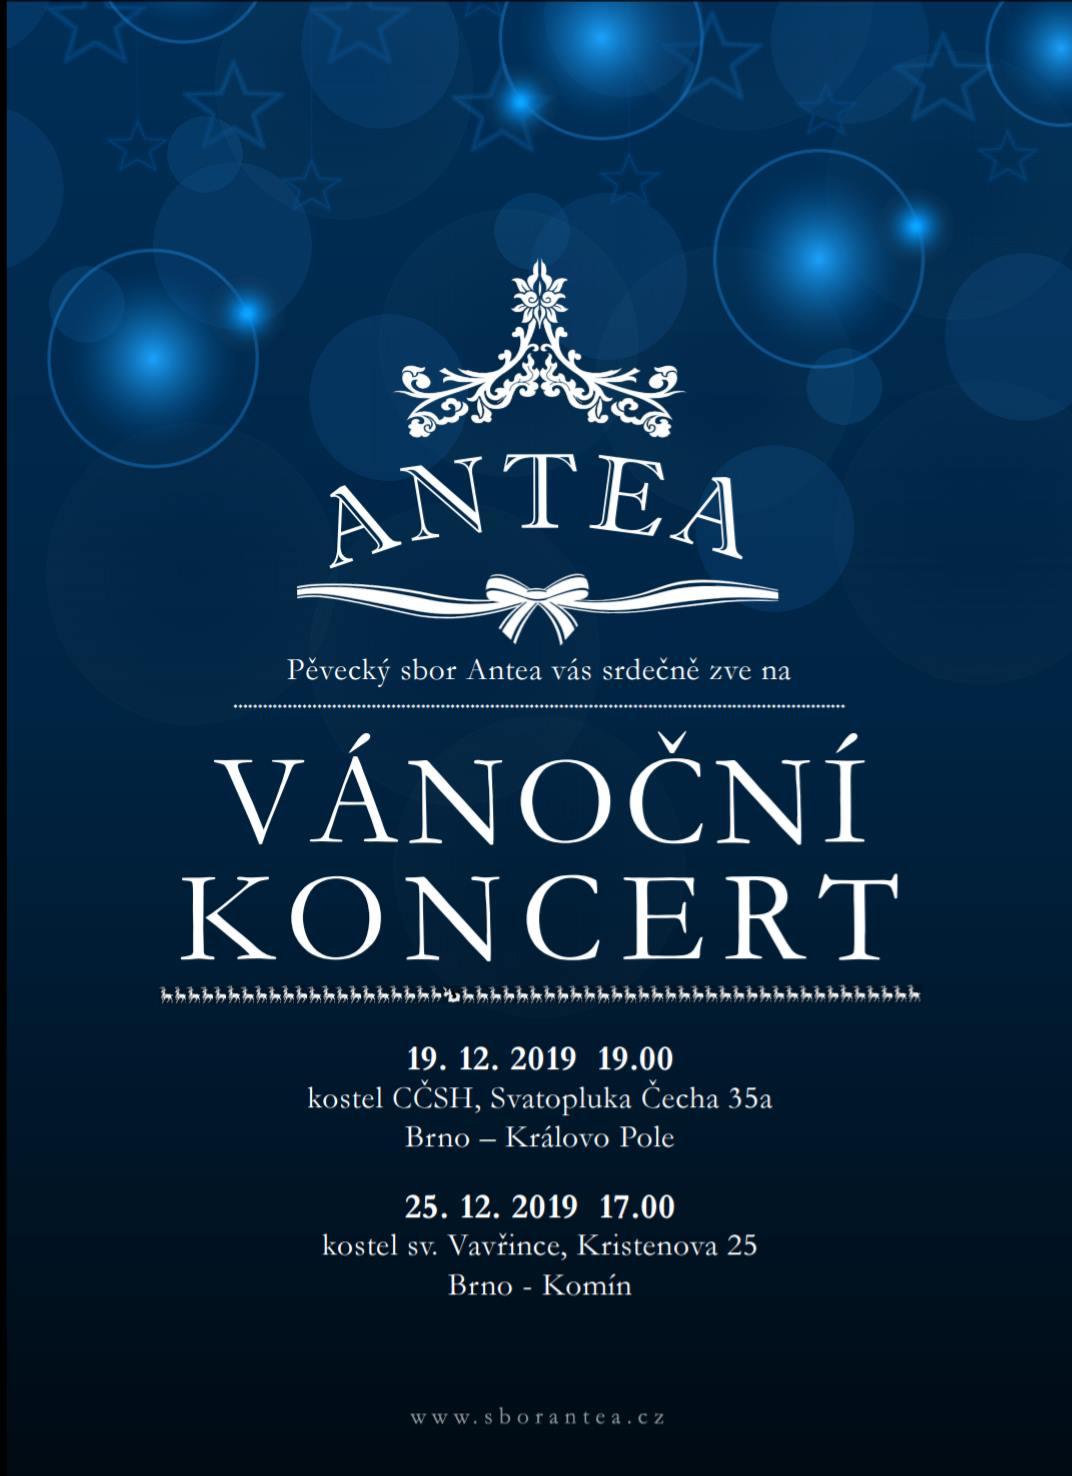 Vánoční koncert ANTEA